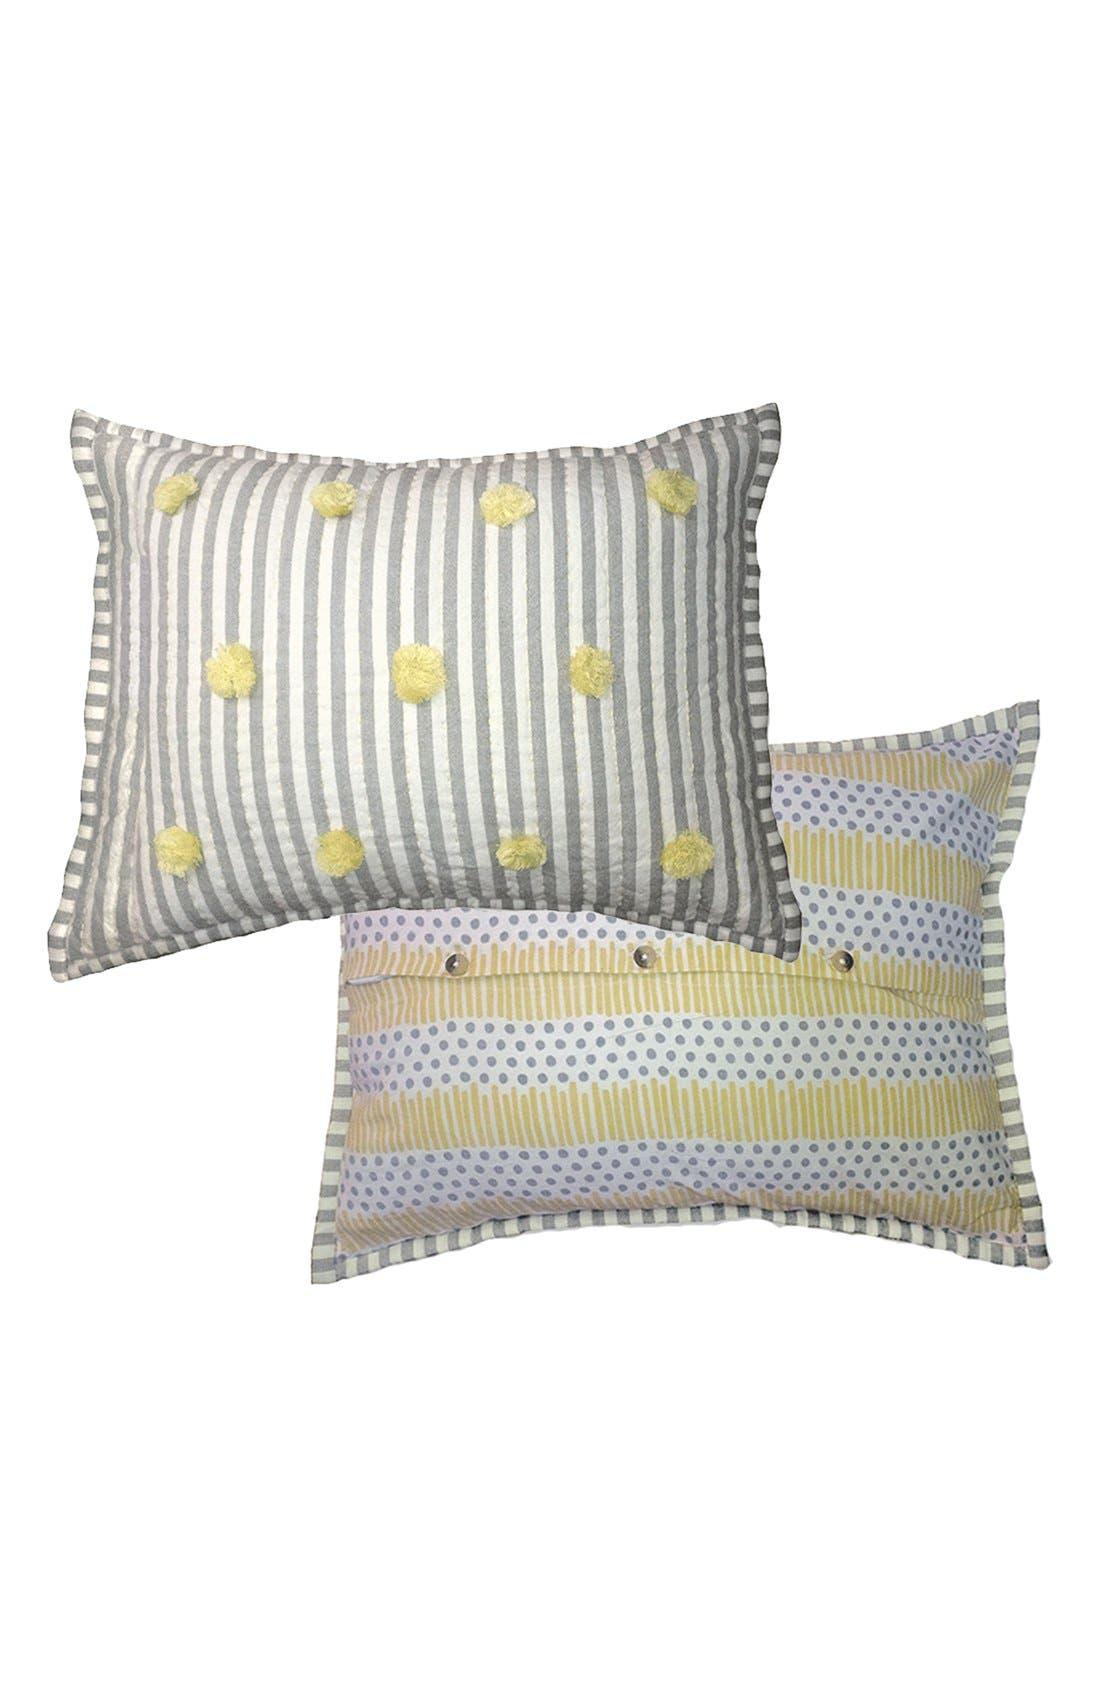 'Rest My Little Head' Cotton Pillow,                         Main,                         color, 020